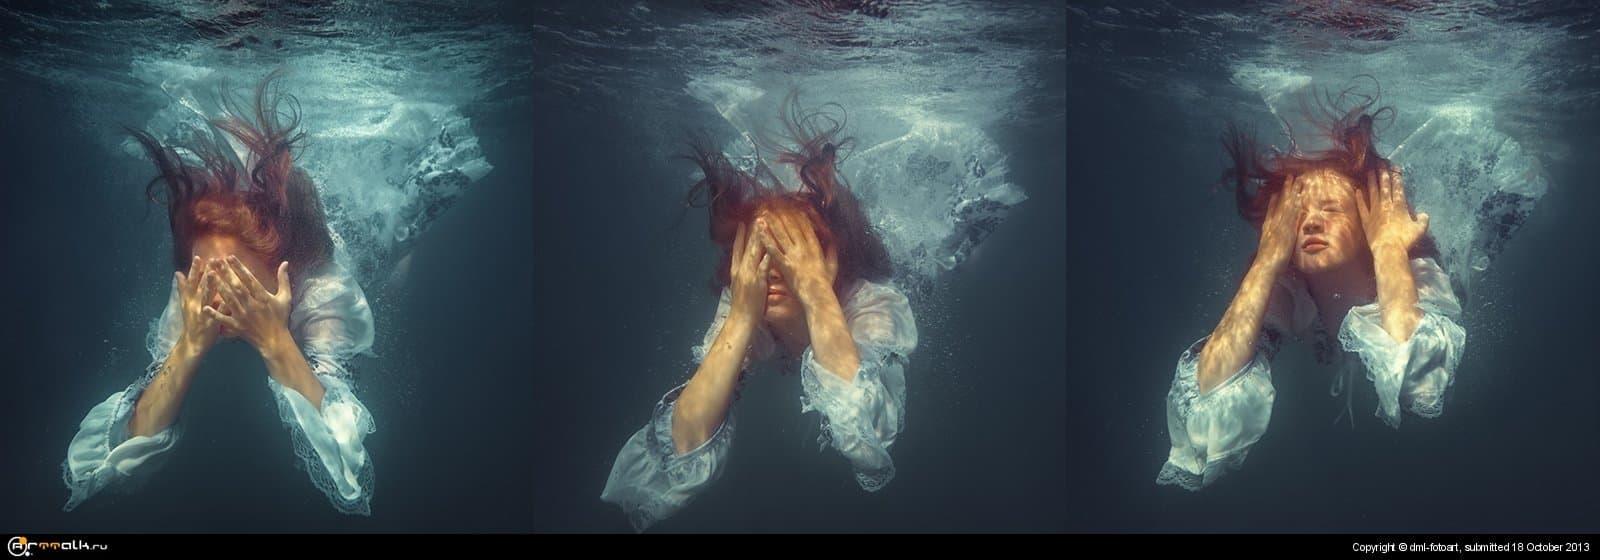 Underwater Triptych